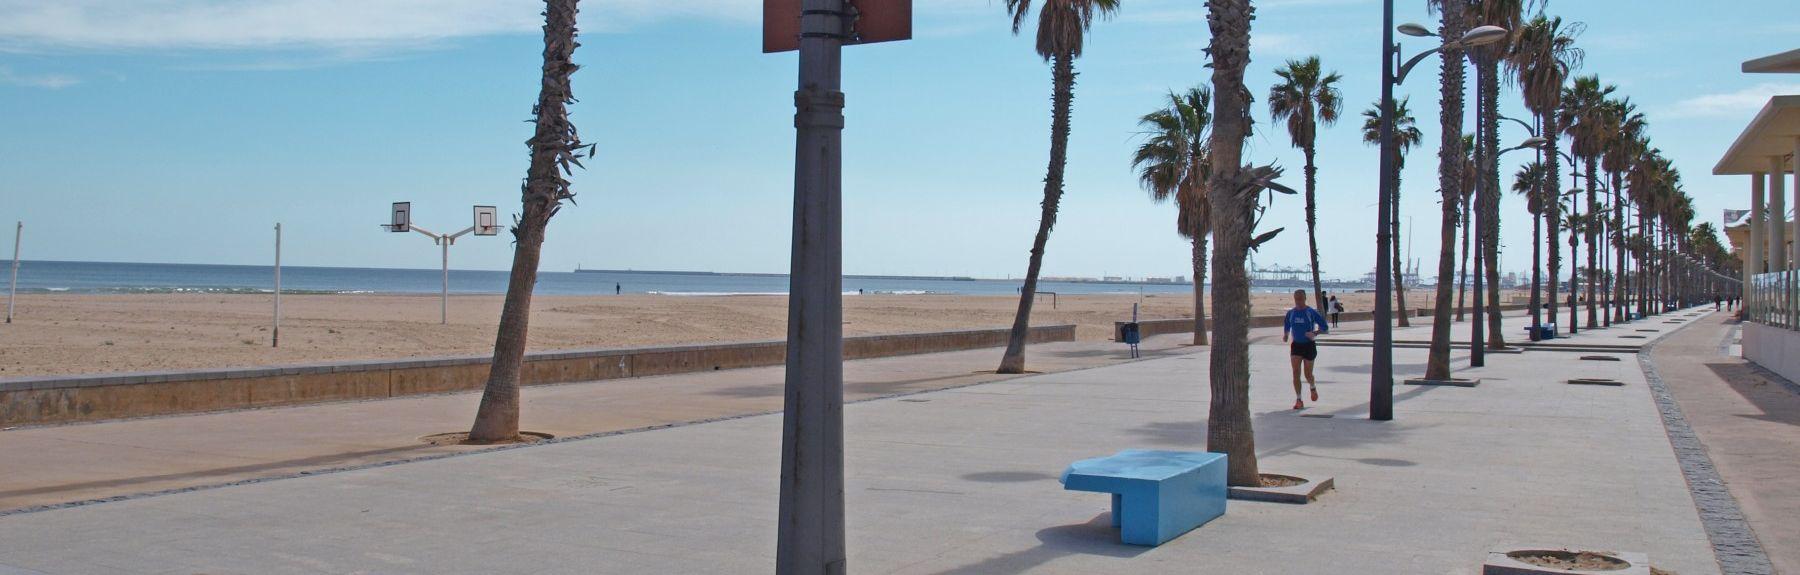 Ciutat de les Arts i les Ciències, Valencia, Valencia, Spanje